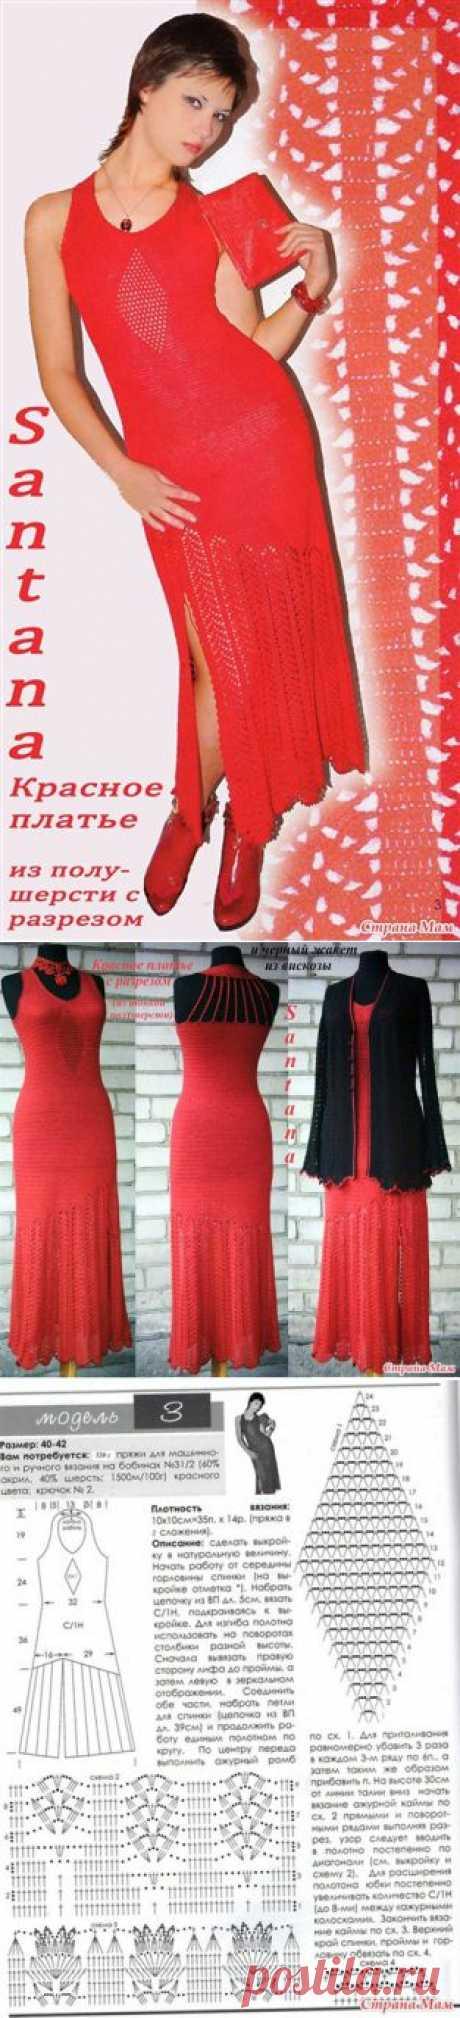 Красное платье из полушерсти с разрезом.